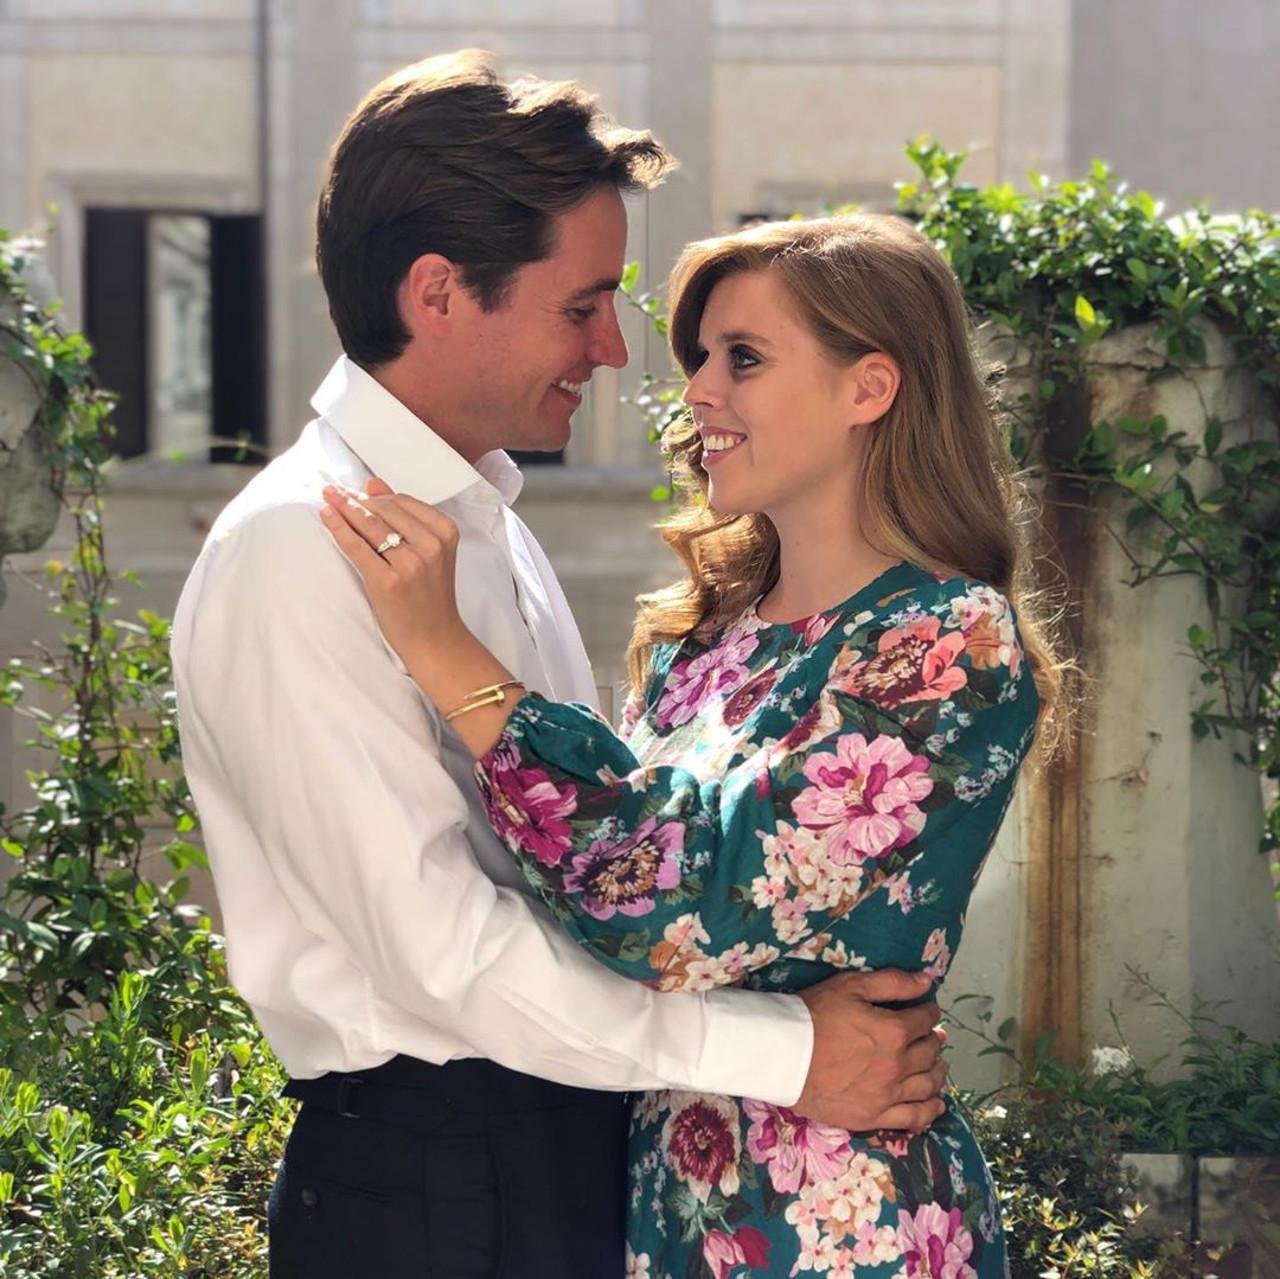 Księżniczka Beatrice i Eduardo Mapelli Mozzi pozują w królewskim ogrodzie.